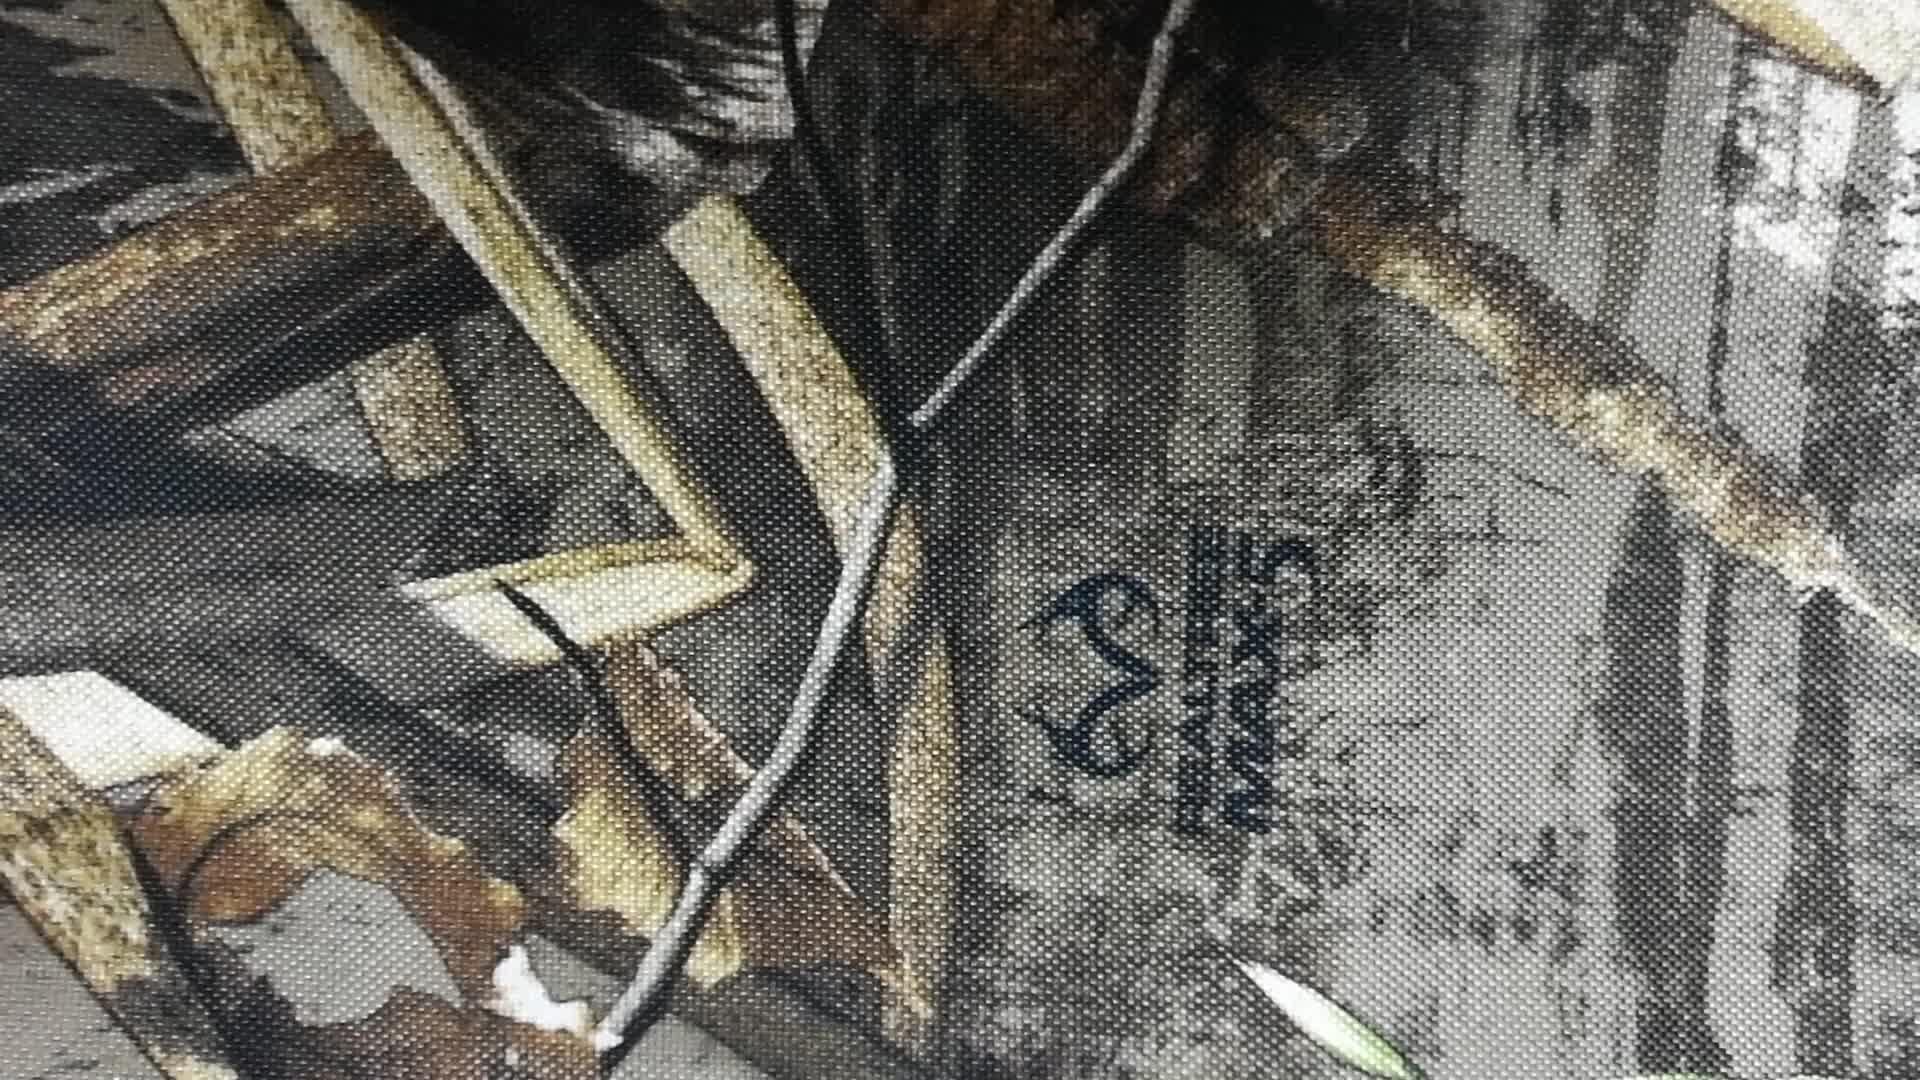 ポリエステルオックスフォード迷彩生地 realtree Max5 水鳥迷彩狩猟生地